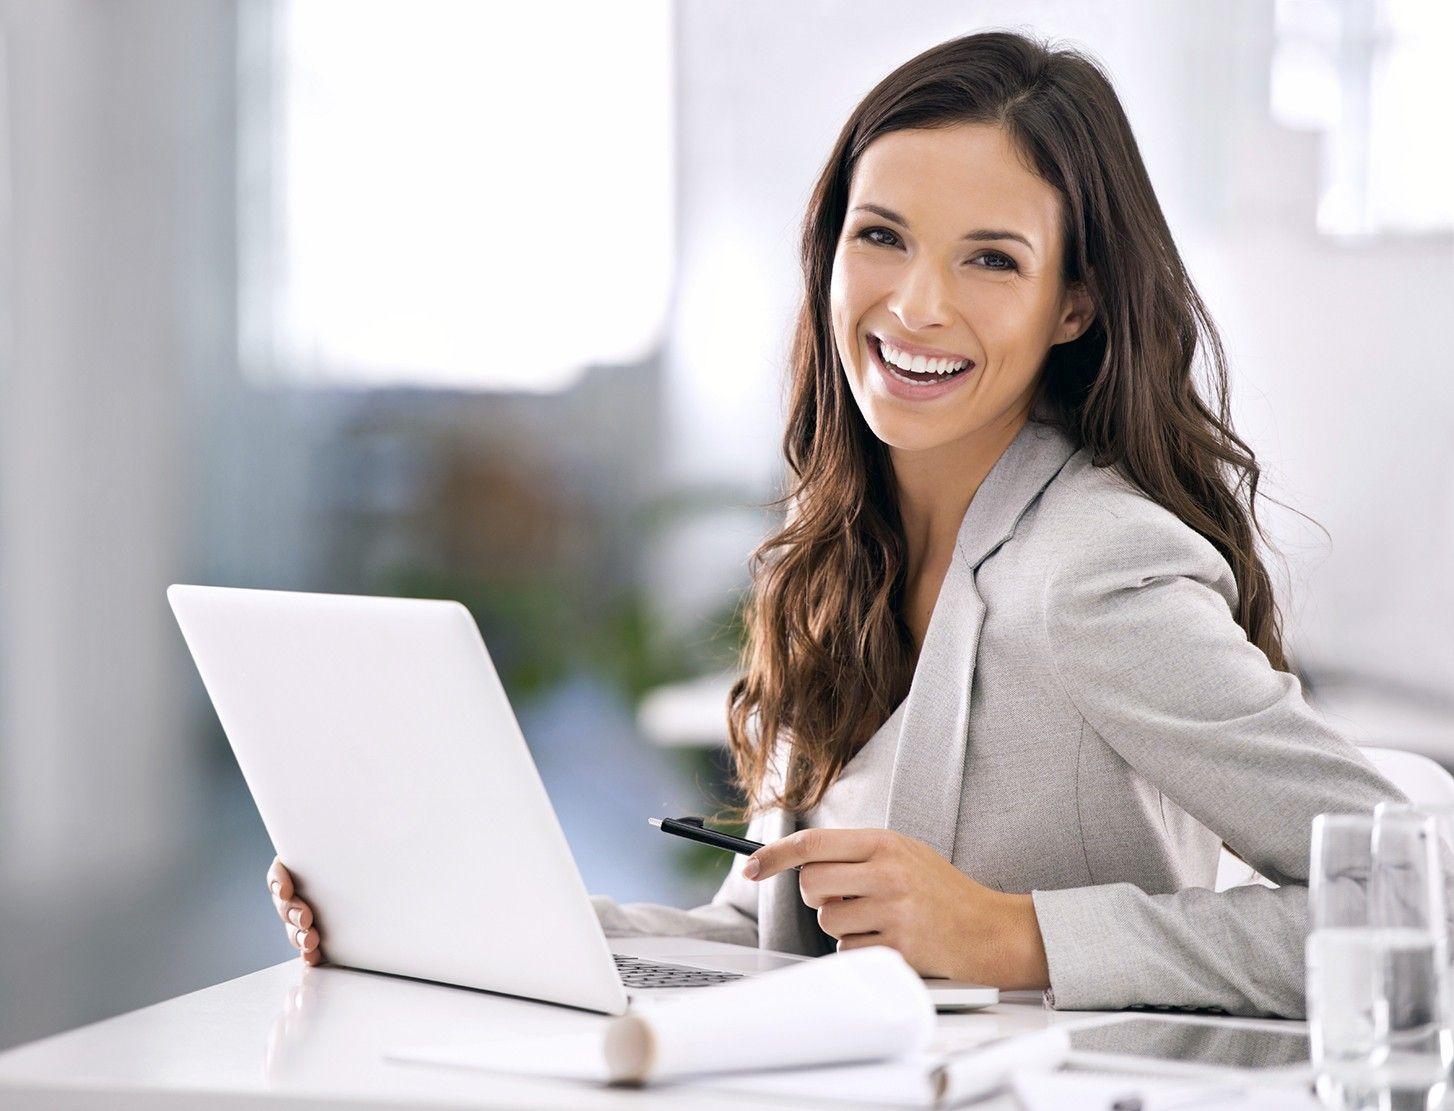 Фото счастливой девушки на работе веб работа моделью дома